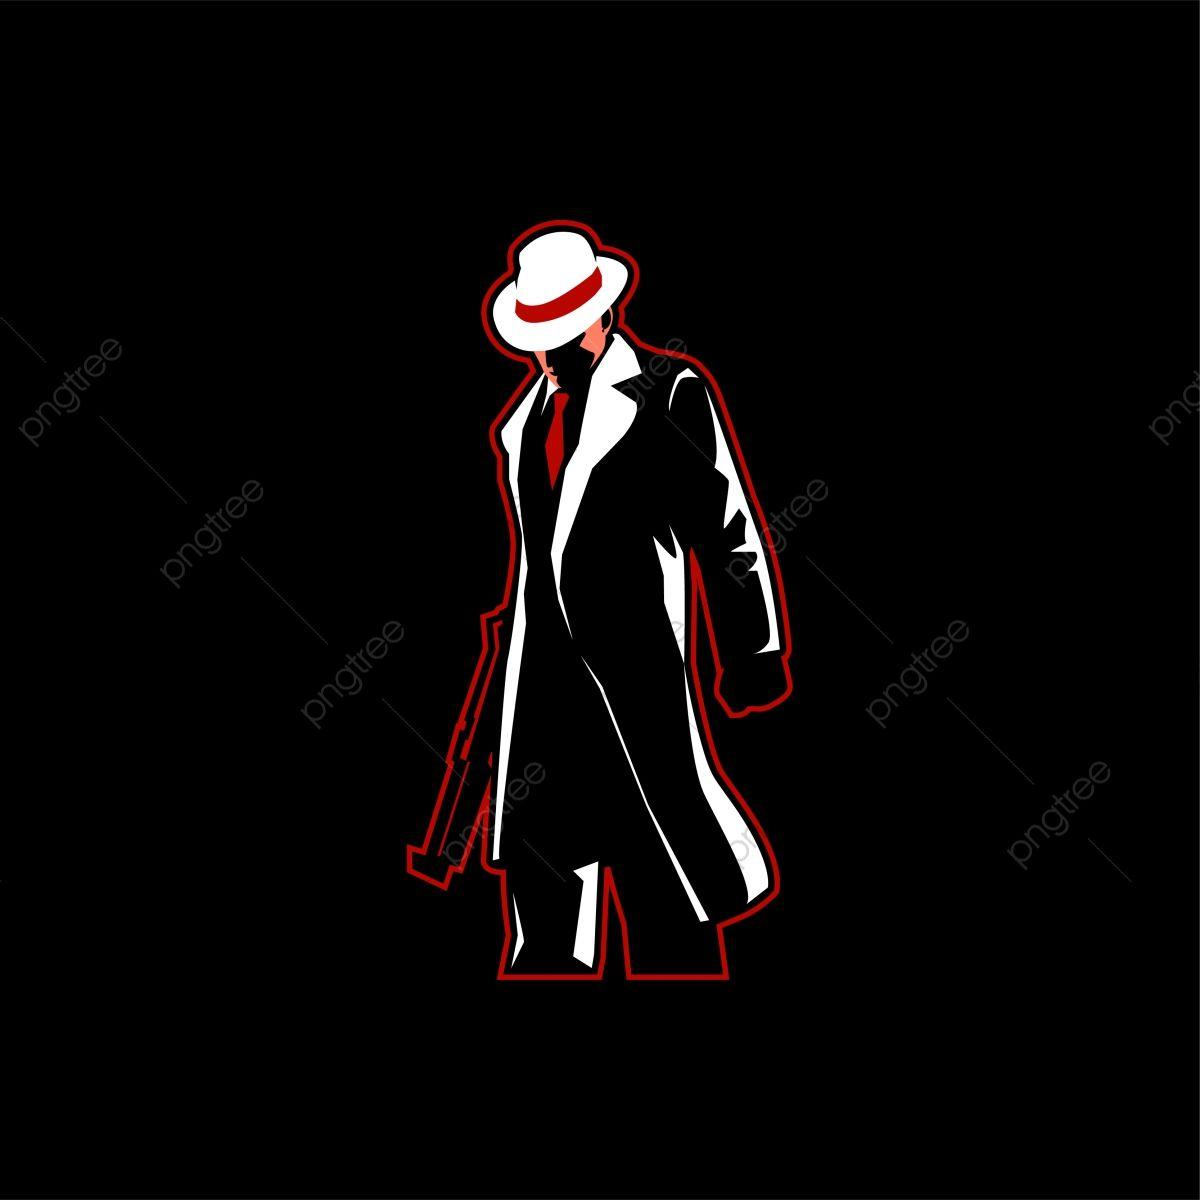 Modelo De Design De Logotipo Gratis Mafia E Logo Mascote Mafia Bandido Crime Imagem Png E Vetor Para Download Gratuito Logo Design Free Templates Logo Design Free Sports Logo Design